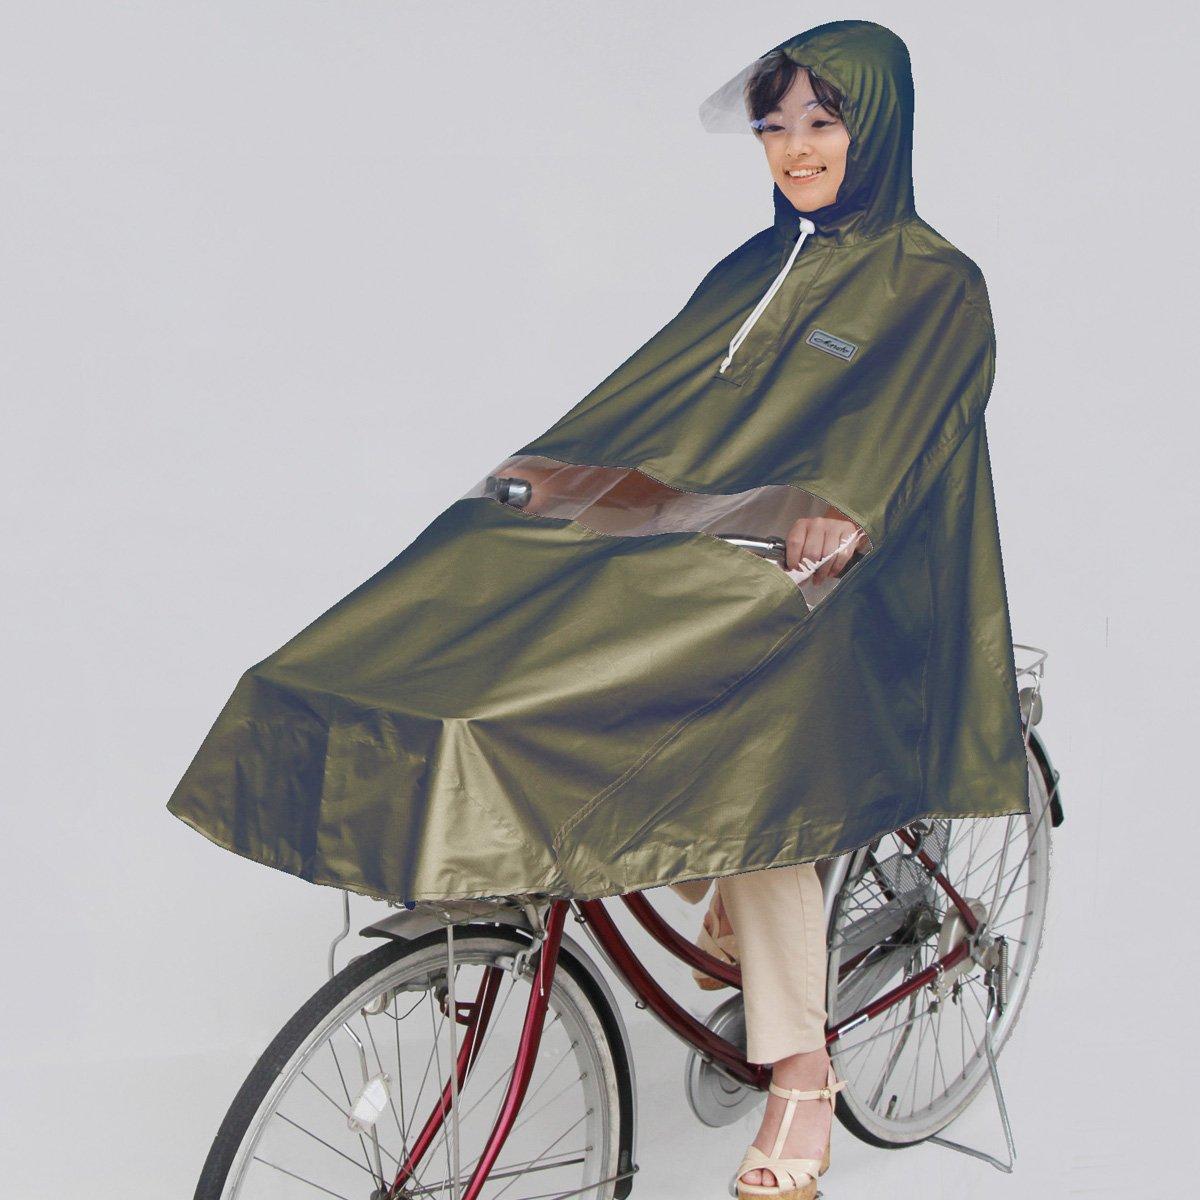 マルト(MARUTO) 自転車屋さんのポンチョ プレミアム カーキ 34613